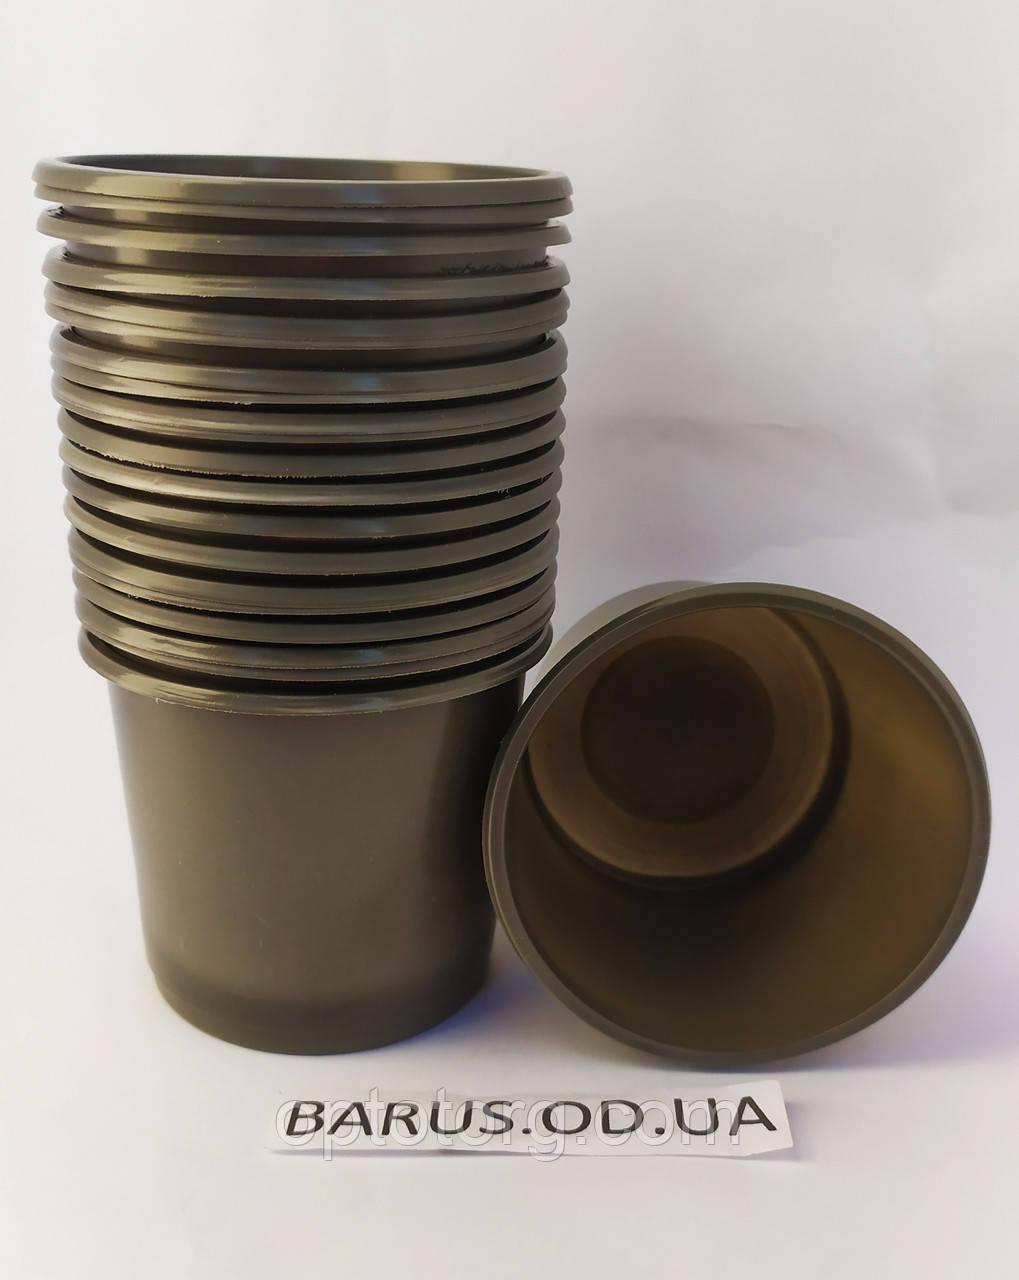 Горшки стаканчики для рассады 70*70 мм